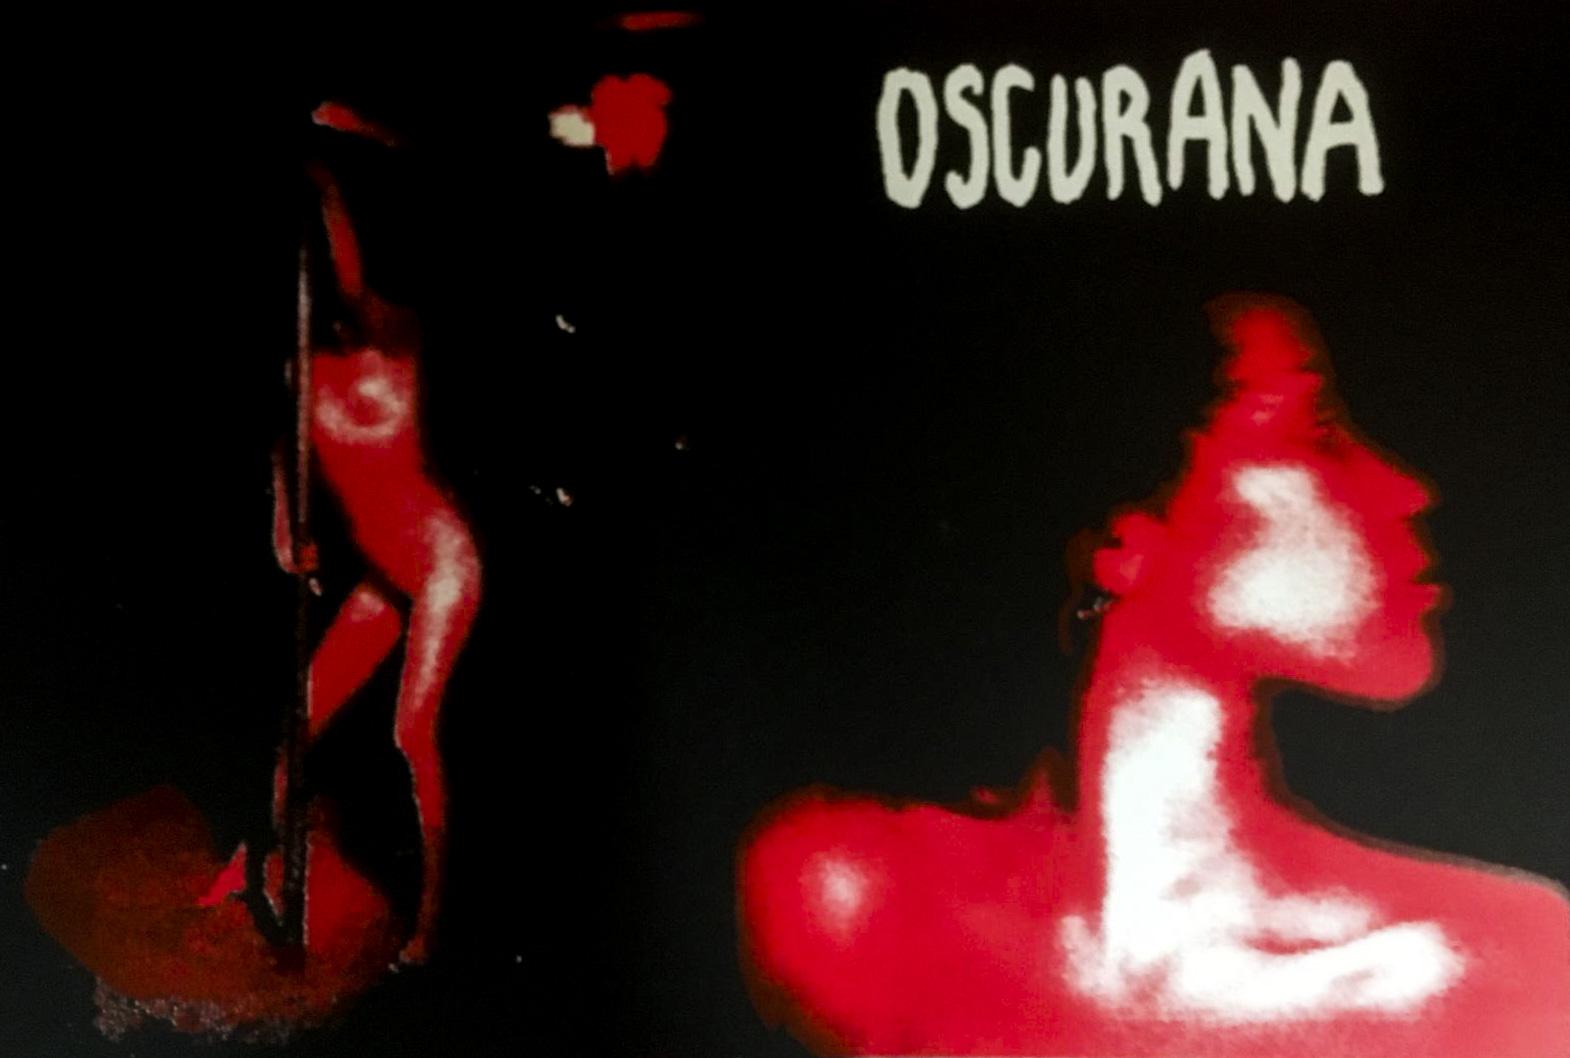 Oscurana - Le Dernier Cri